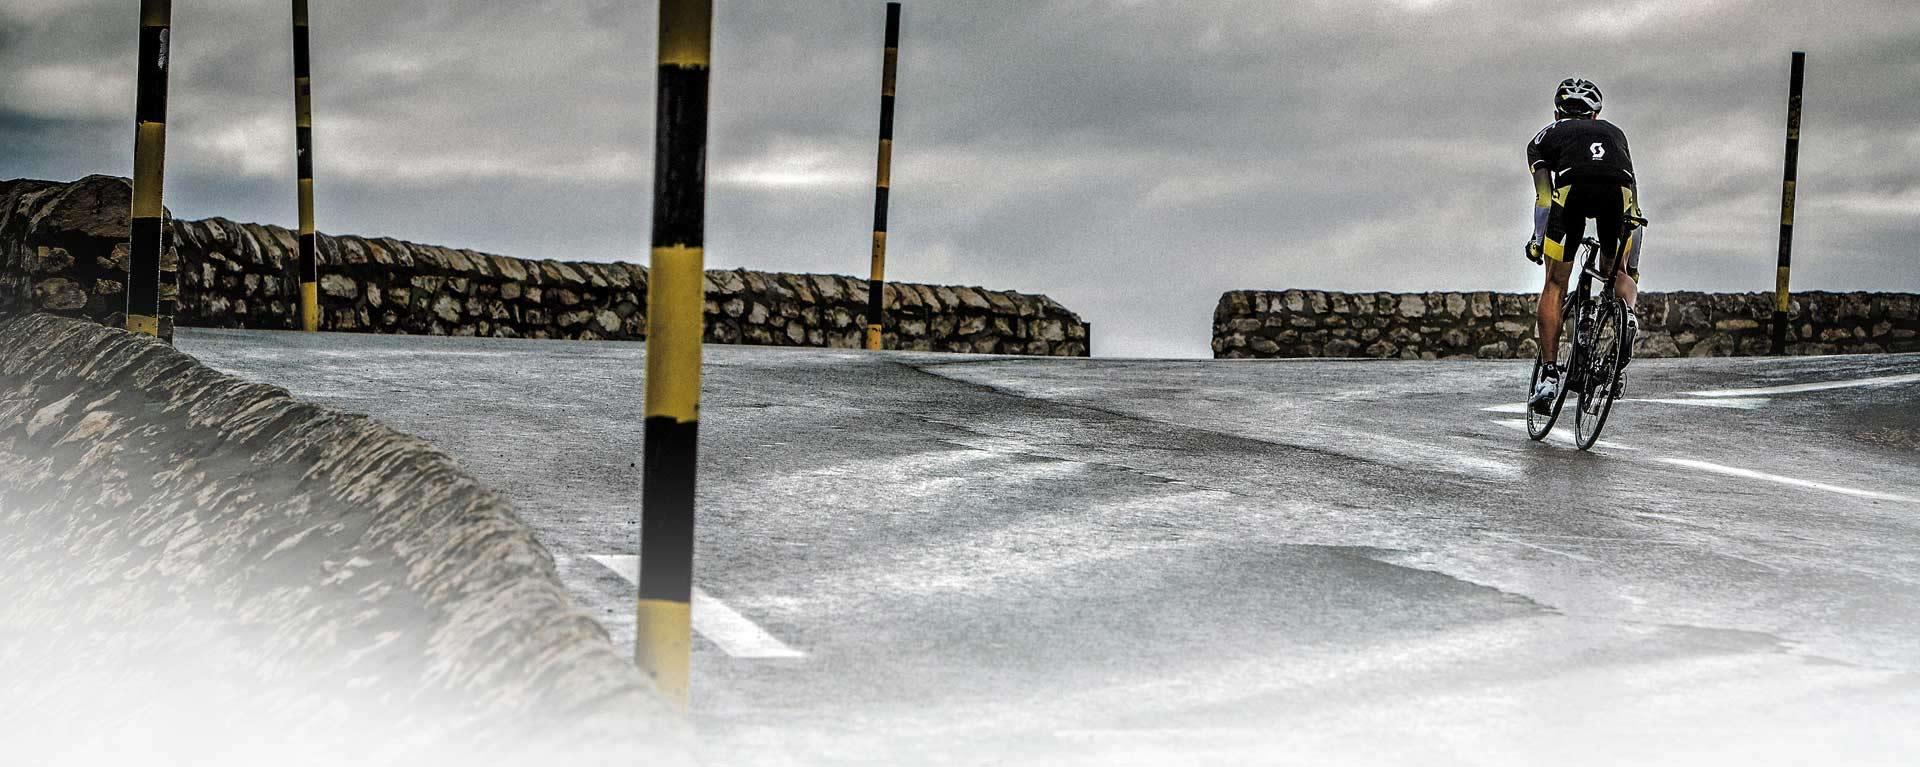 Scott - Alpinhjälmar - Köp online hos Intersport 99f10471d0a29